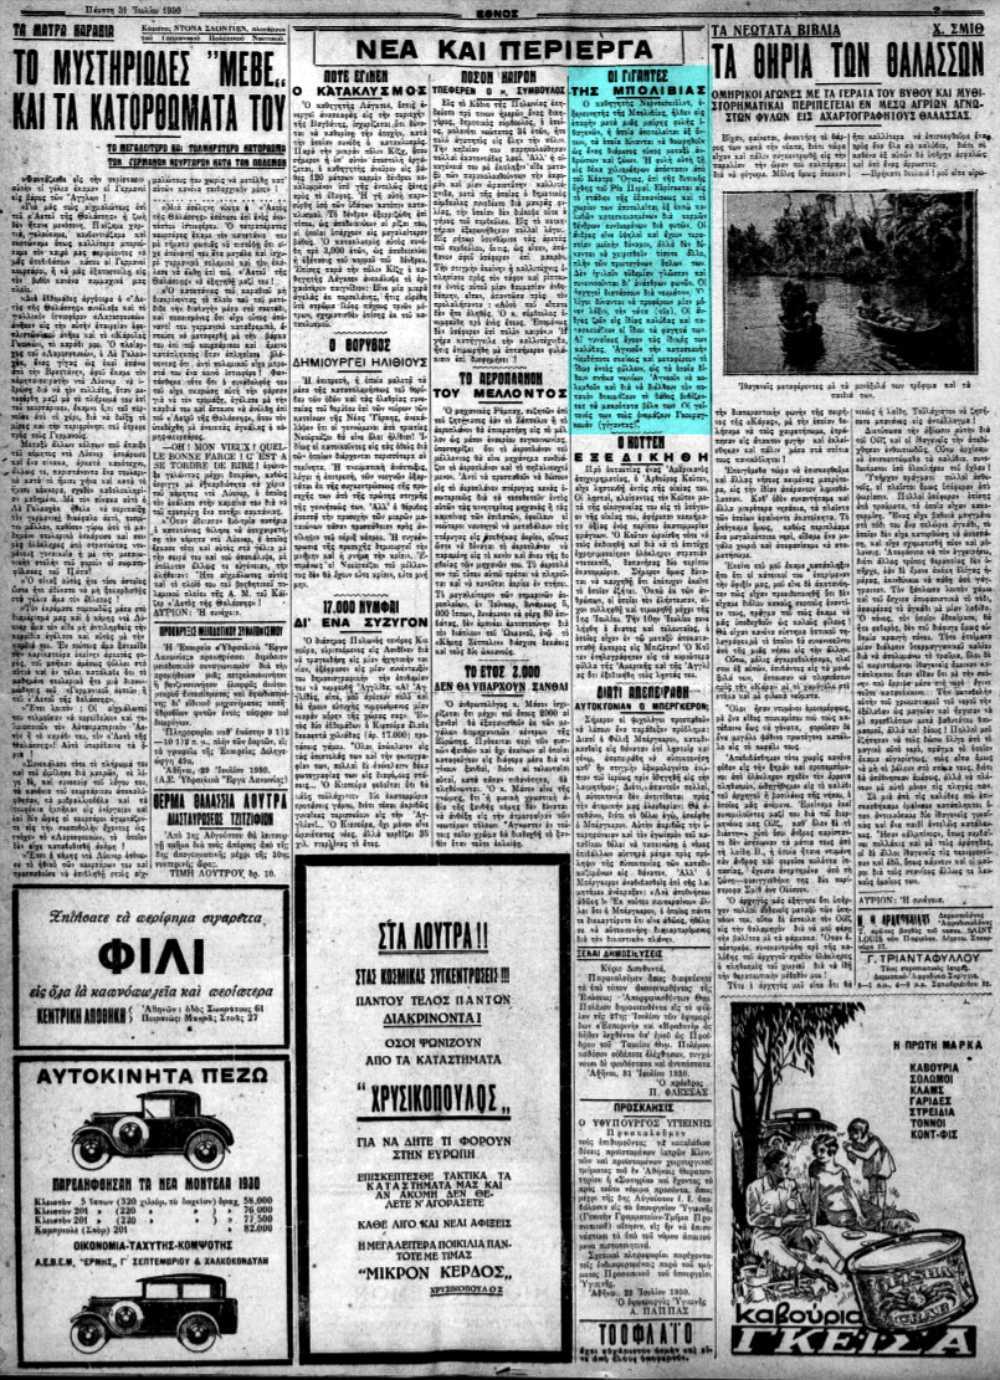 """Το άρθρο, όπως δημοσιεύθηκε στην εφημερίδα """"ΕΘΝΟΣ"""", στις 31/07/1930"""